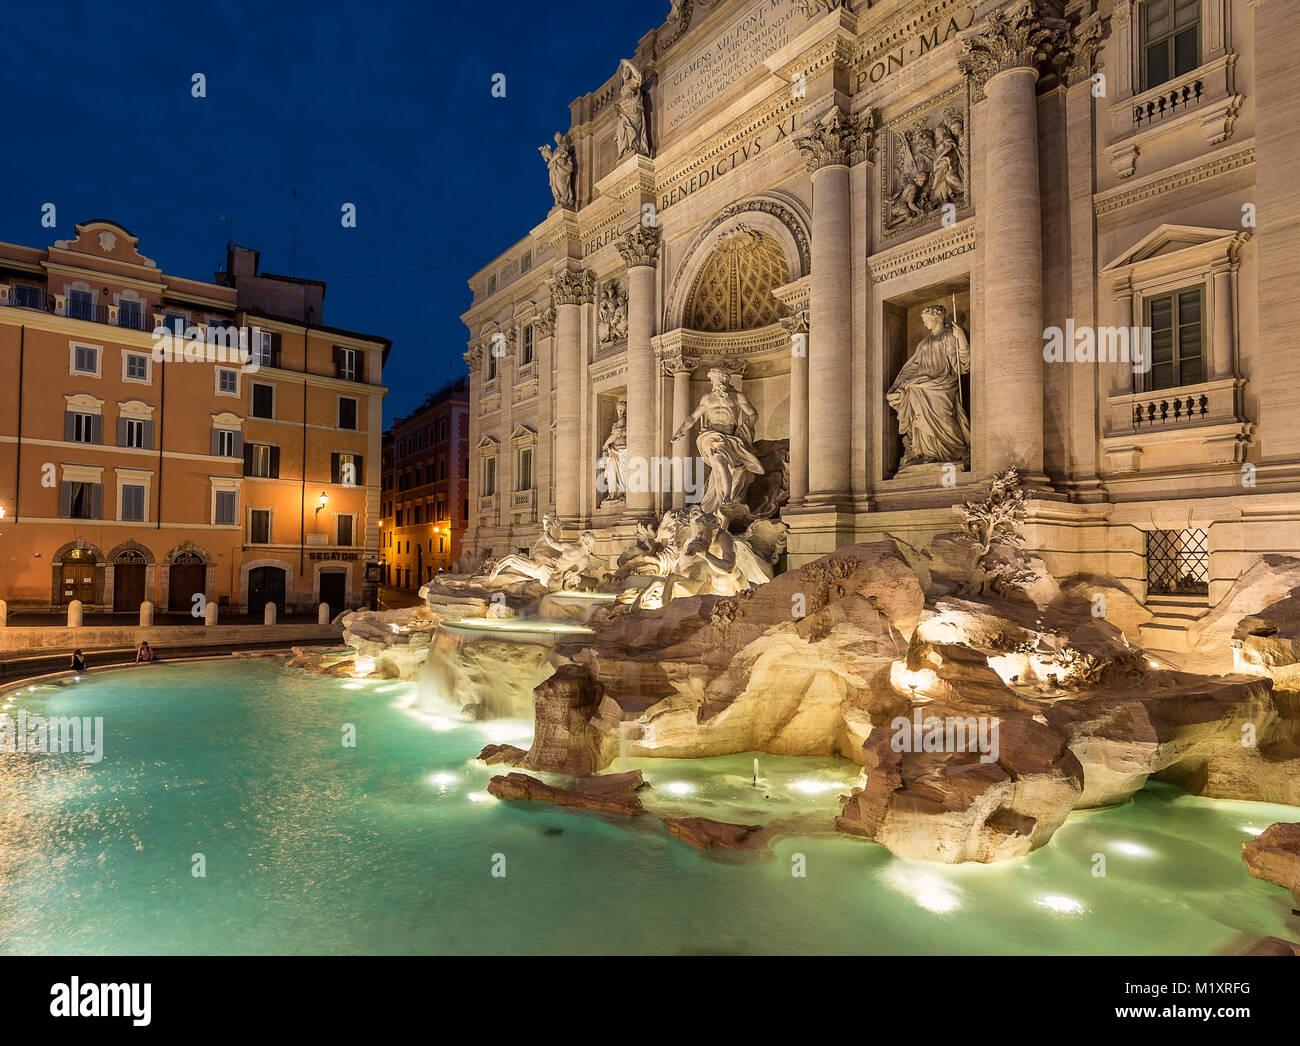 Fontana di Trevi - oder Trevibrunnen - ist ein Brunnen in Rom, es ist der größte barocke Brunnen in der Stockbild